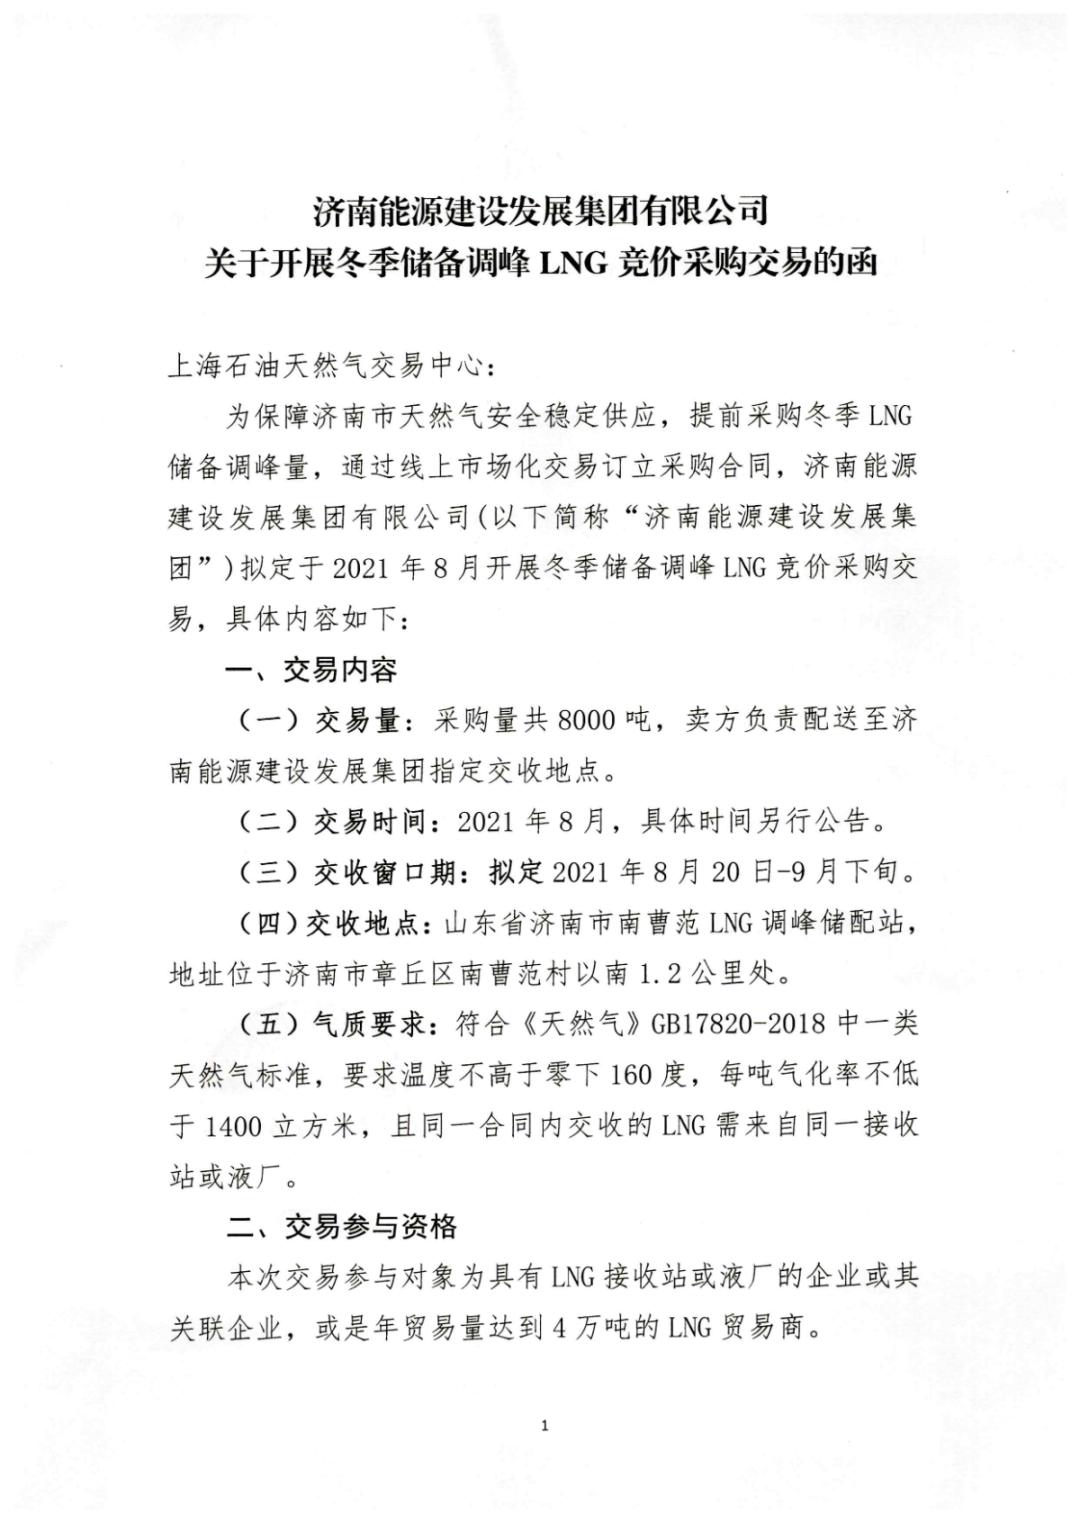 关于济南能源建设发展集团有限公司开展冬季储备调峰LNG竞价采购交易的预公告